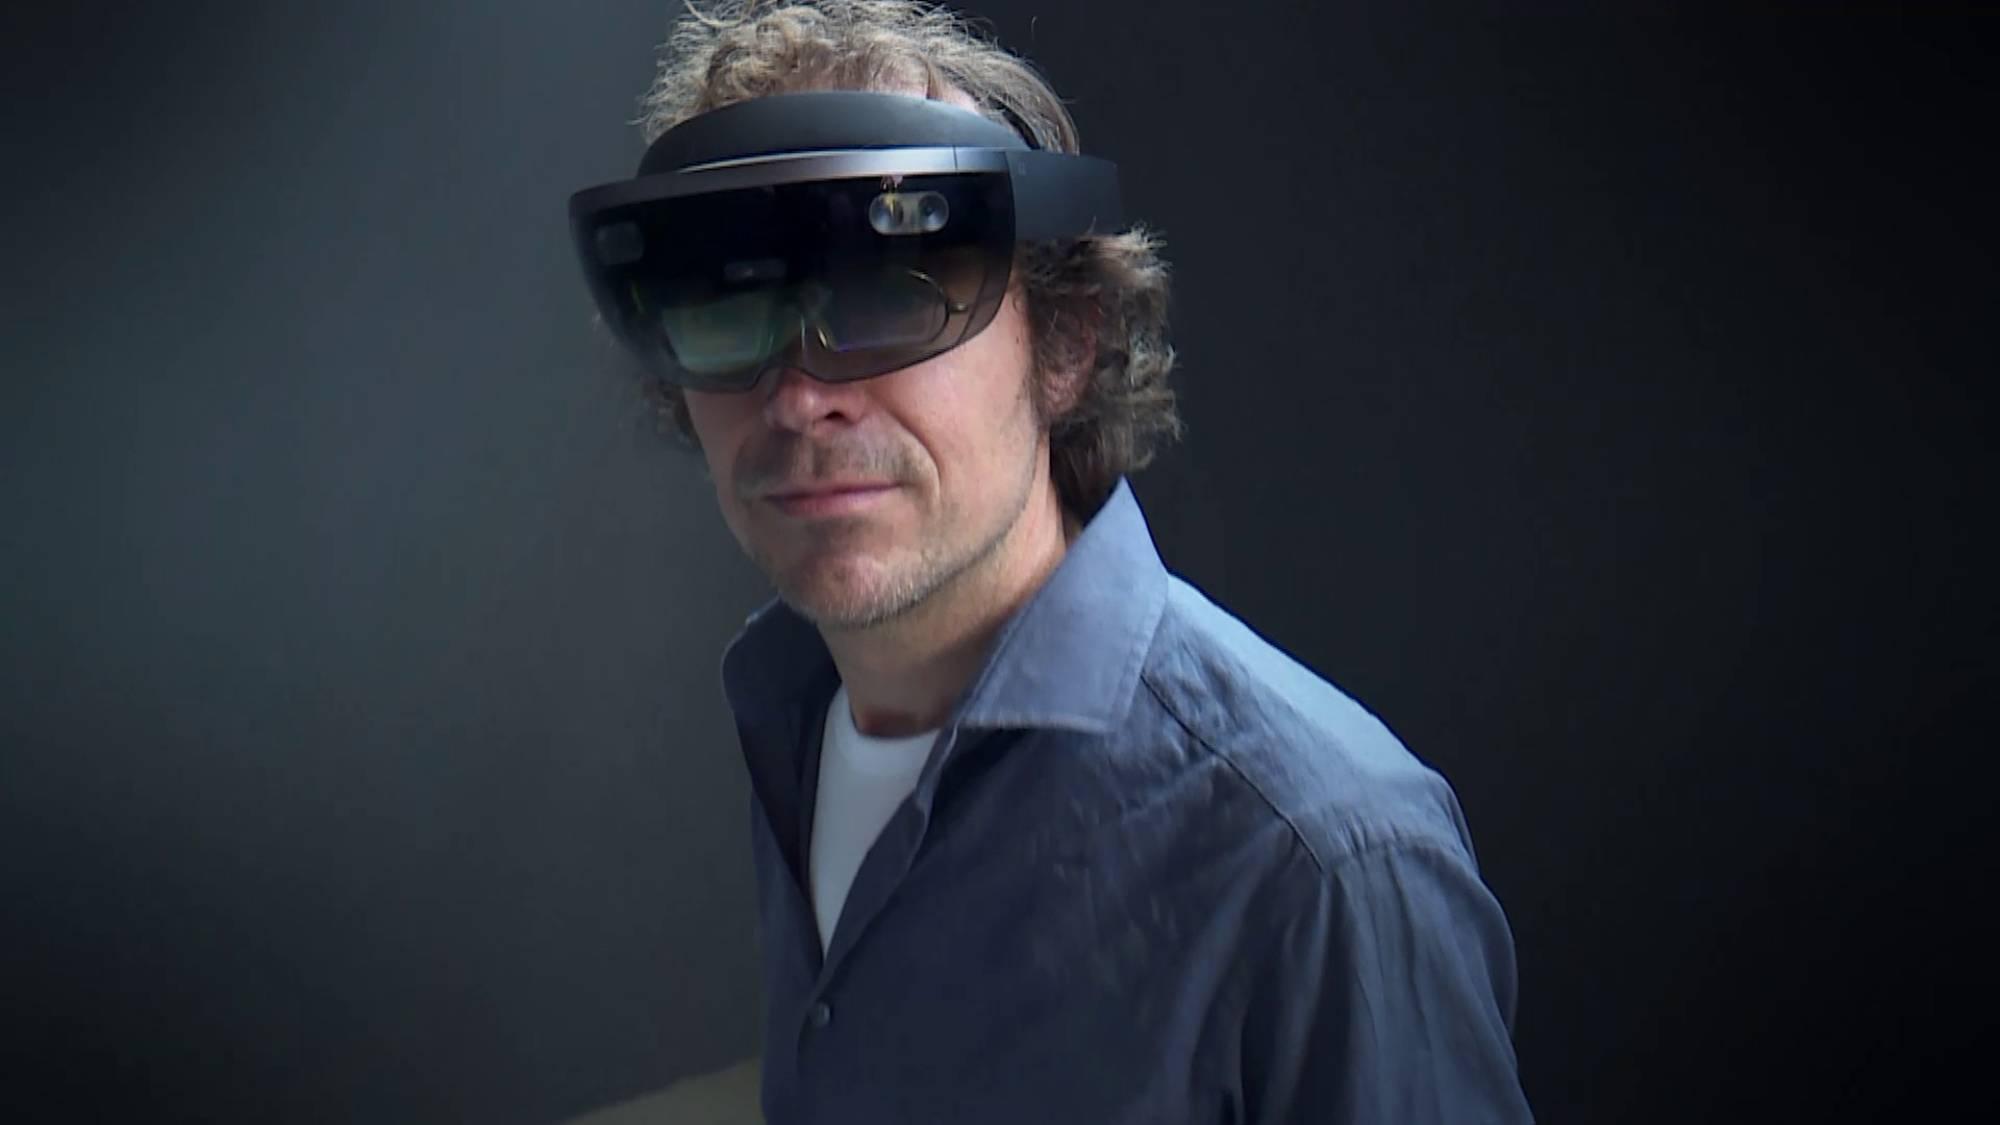 Een virtual realitybril waar je wél doorheen kunt kijken ...